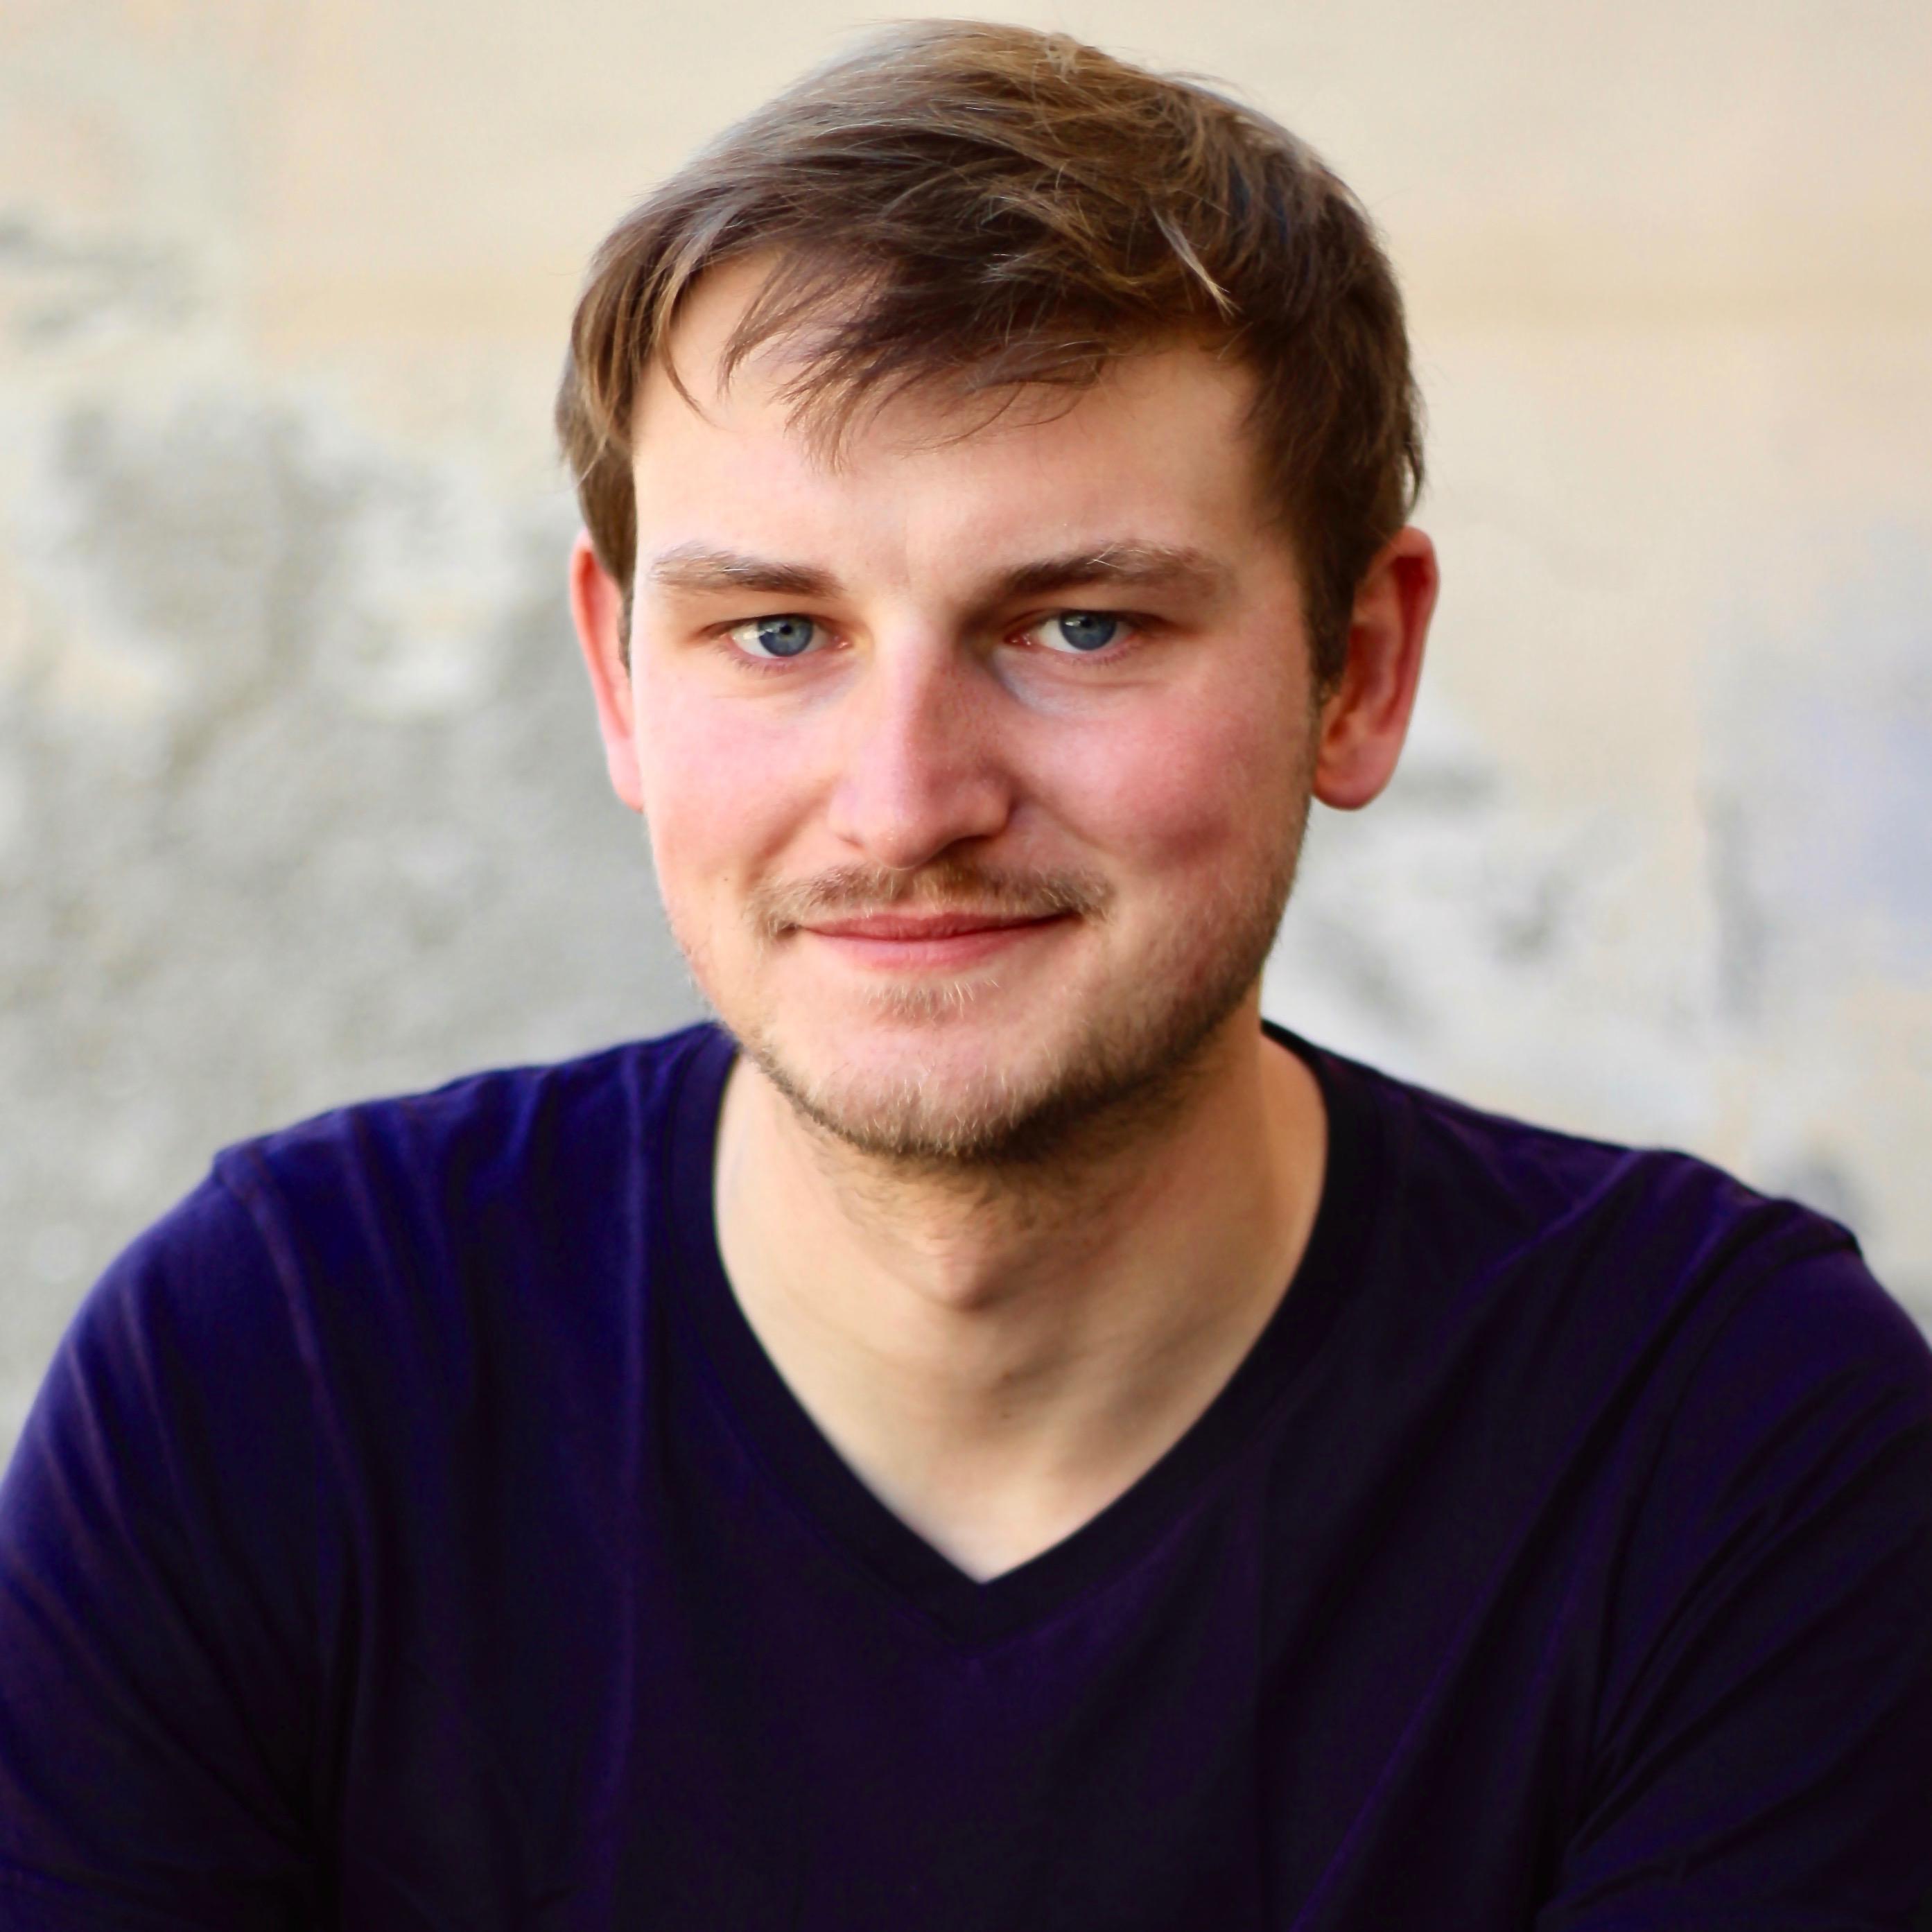 Felix Leupold